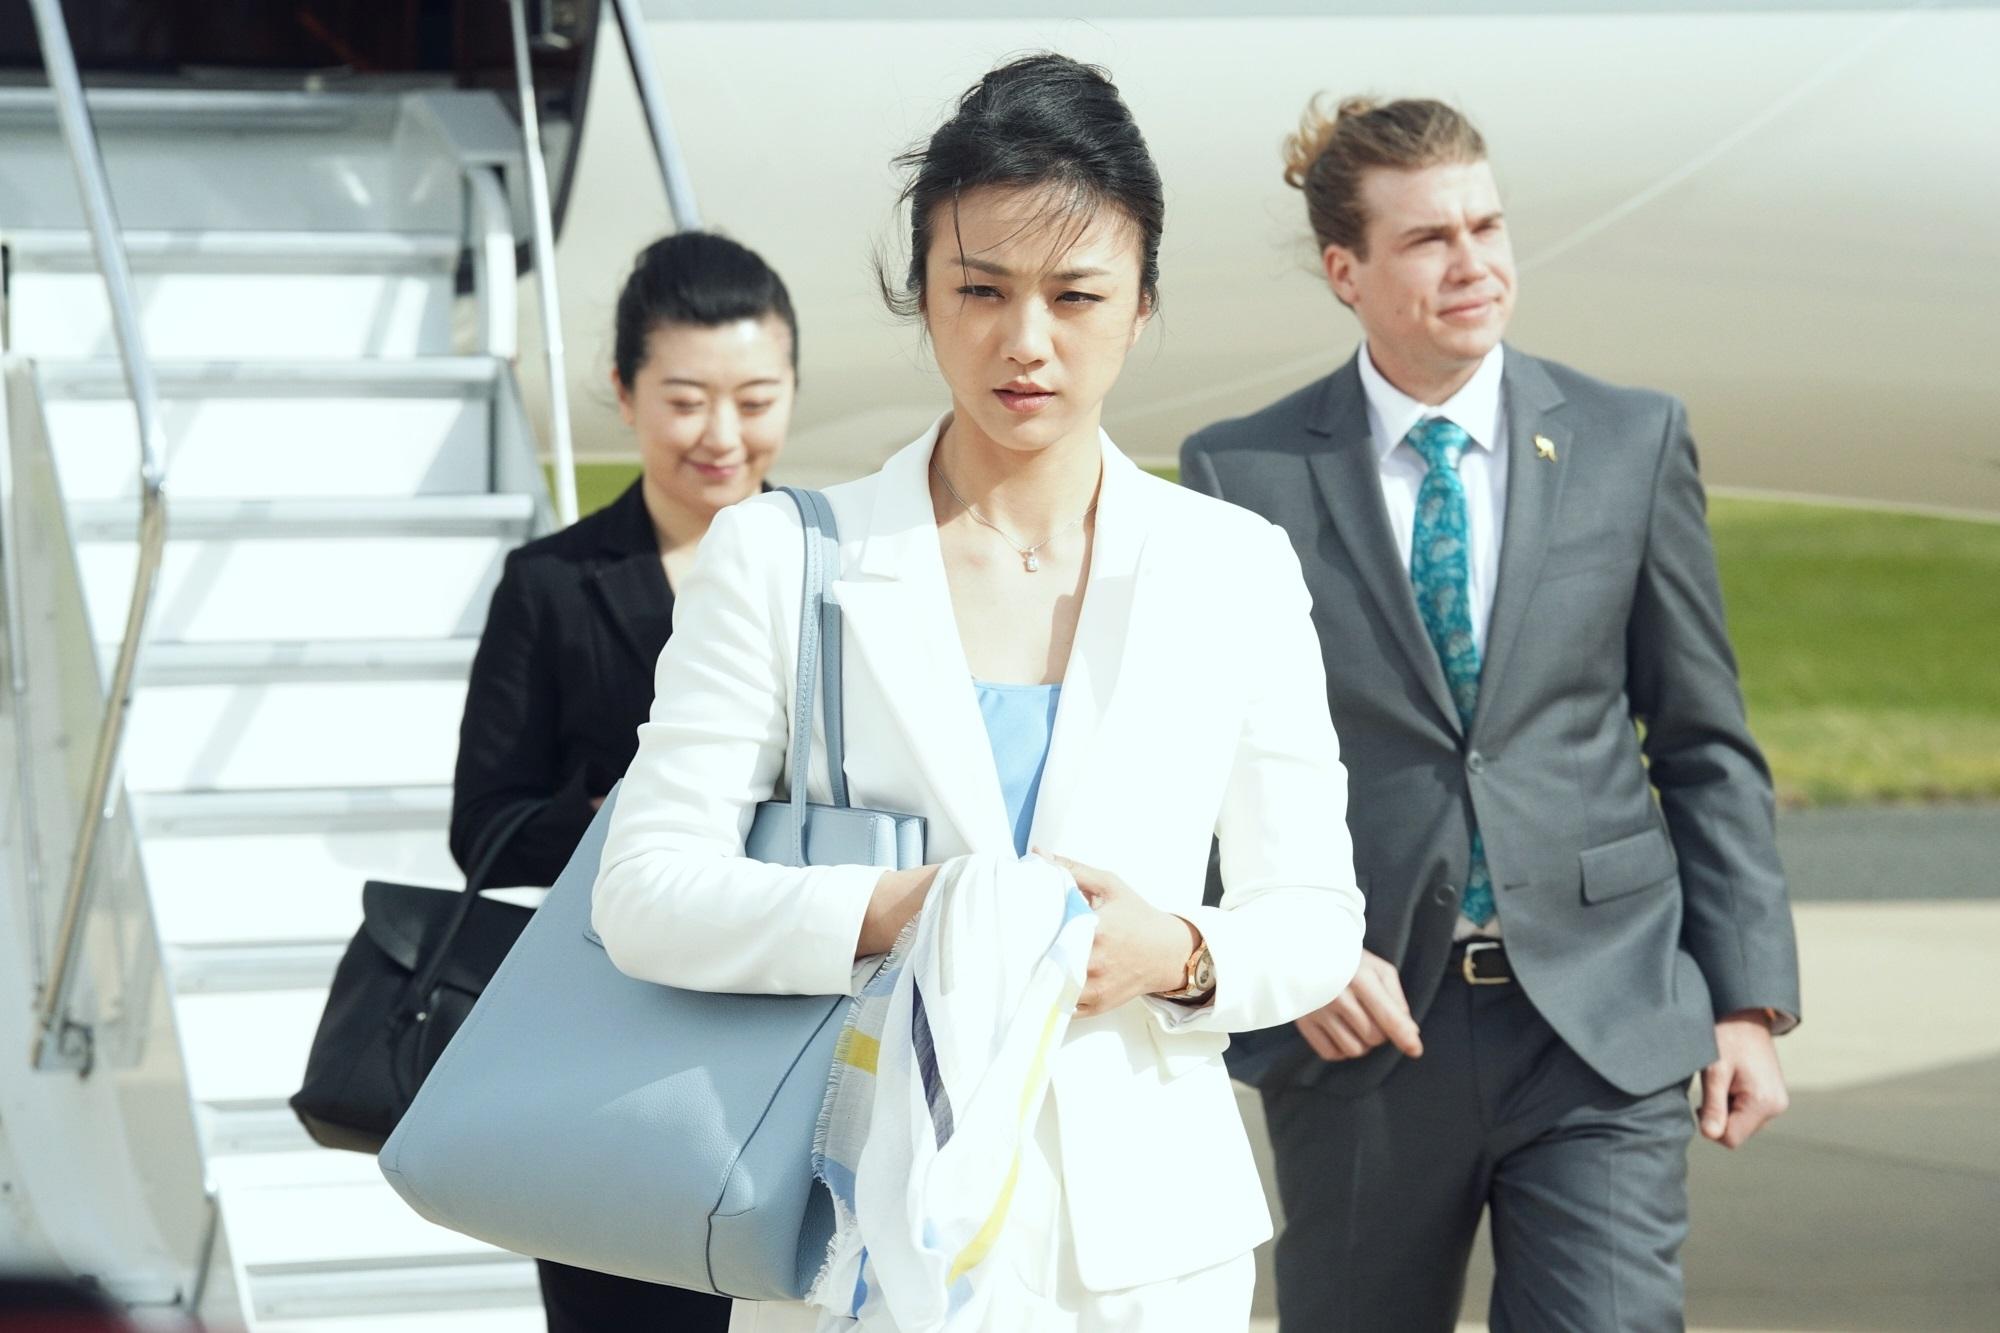 懸疑動作強片《吹哨人》女神湯唯三度合作《北京遇上西雅圖》導演薛曉路